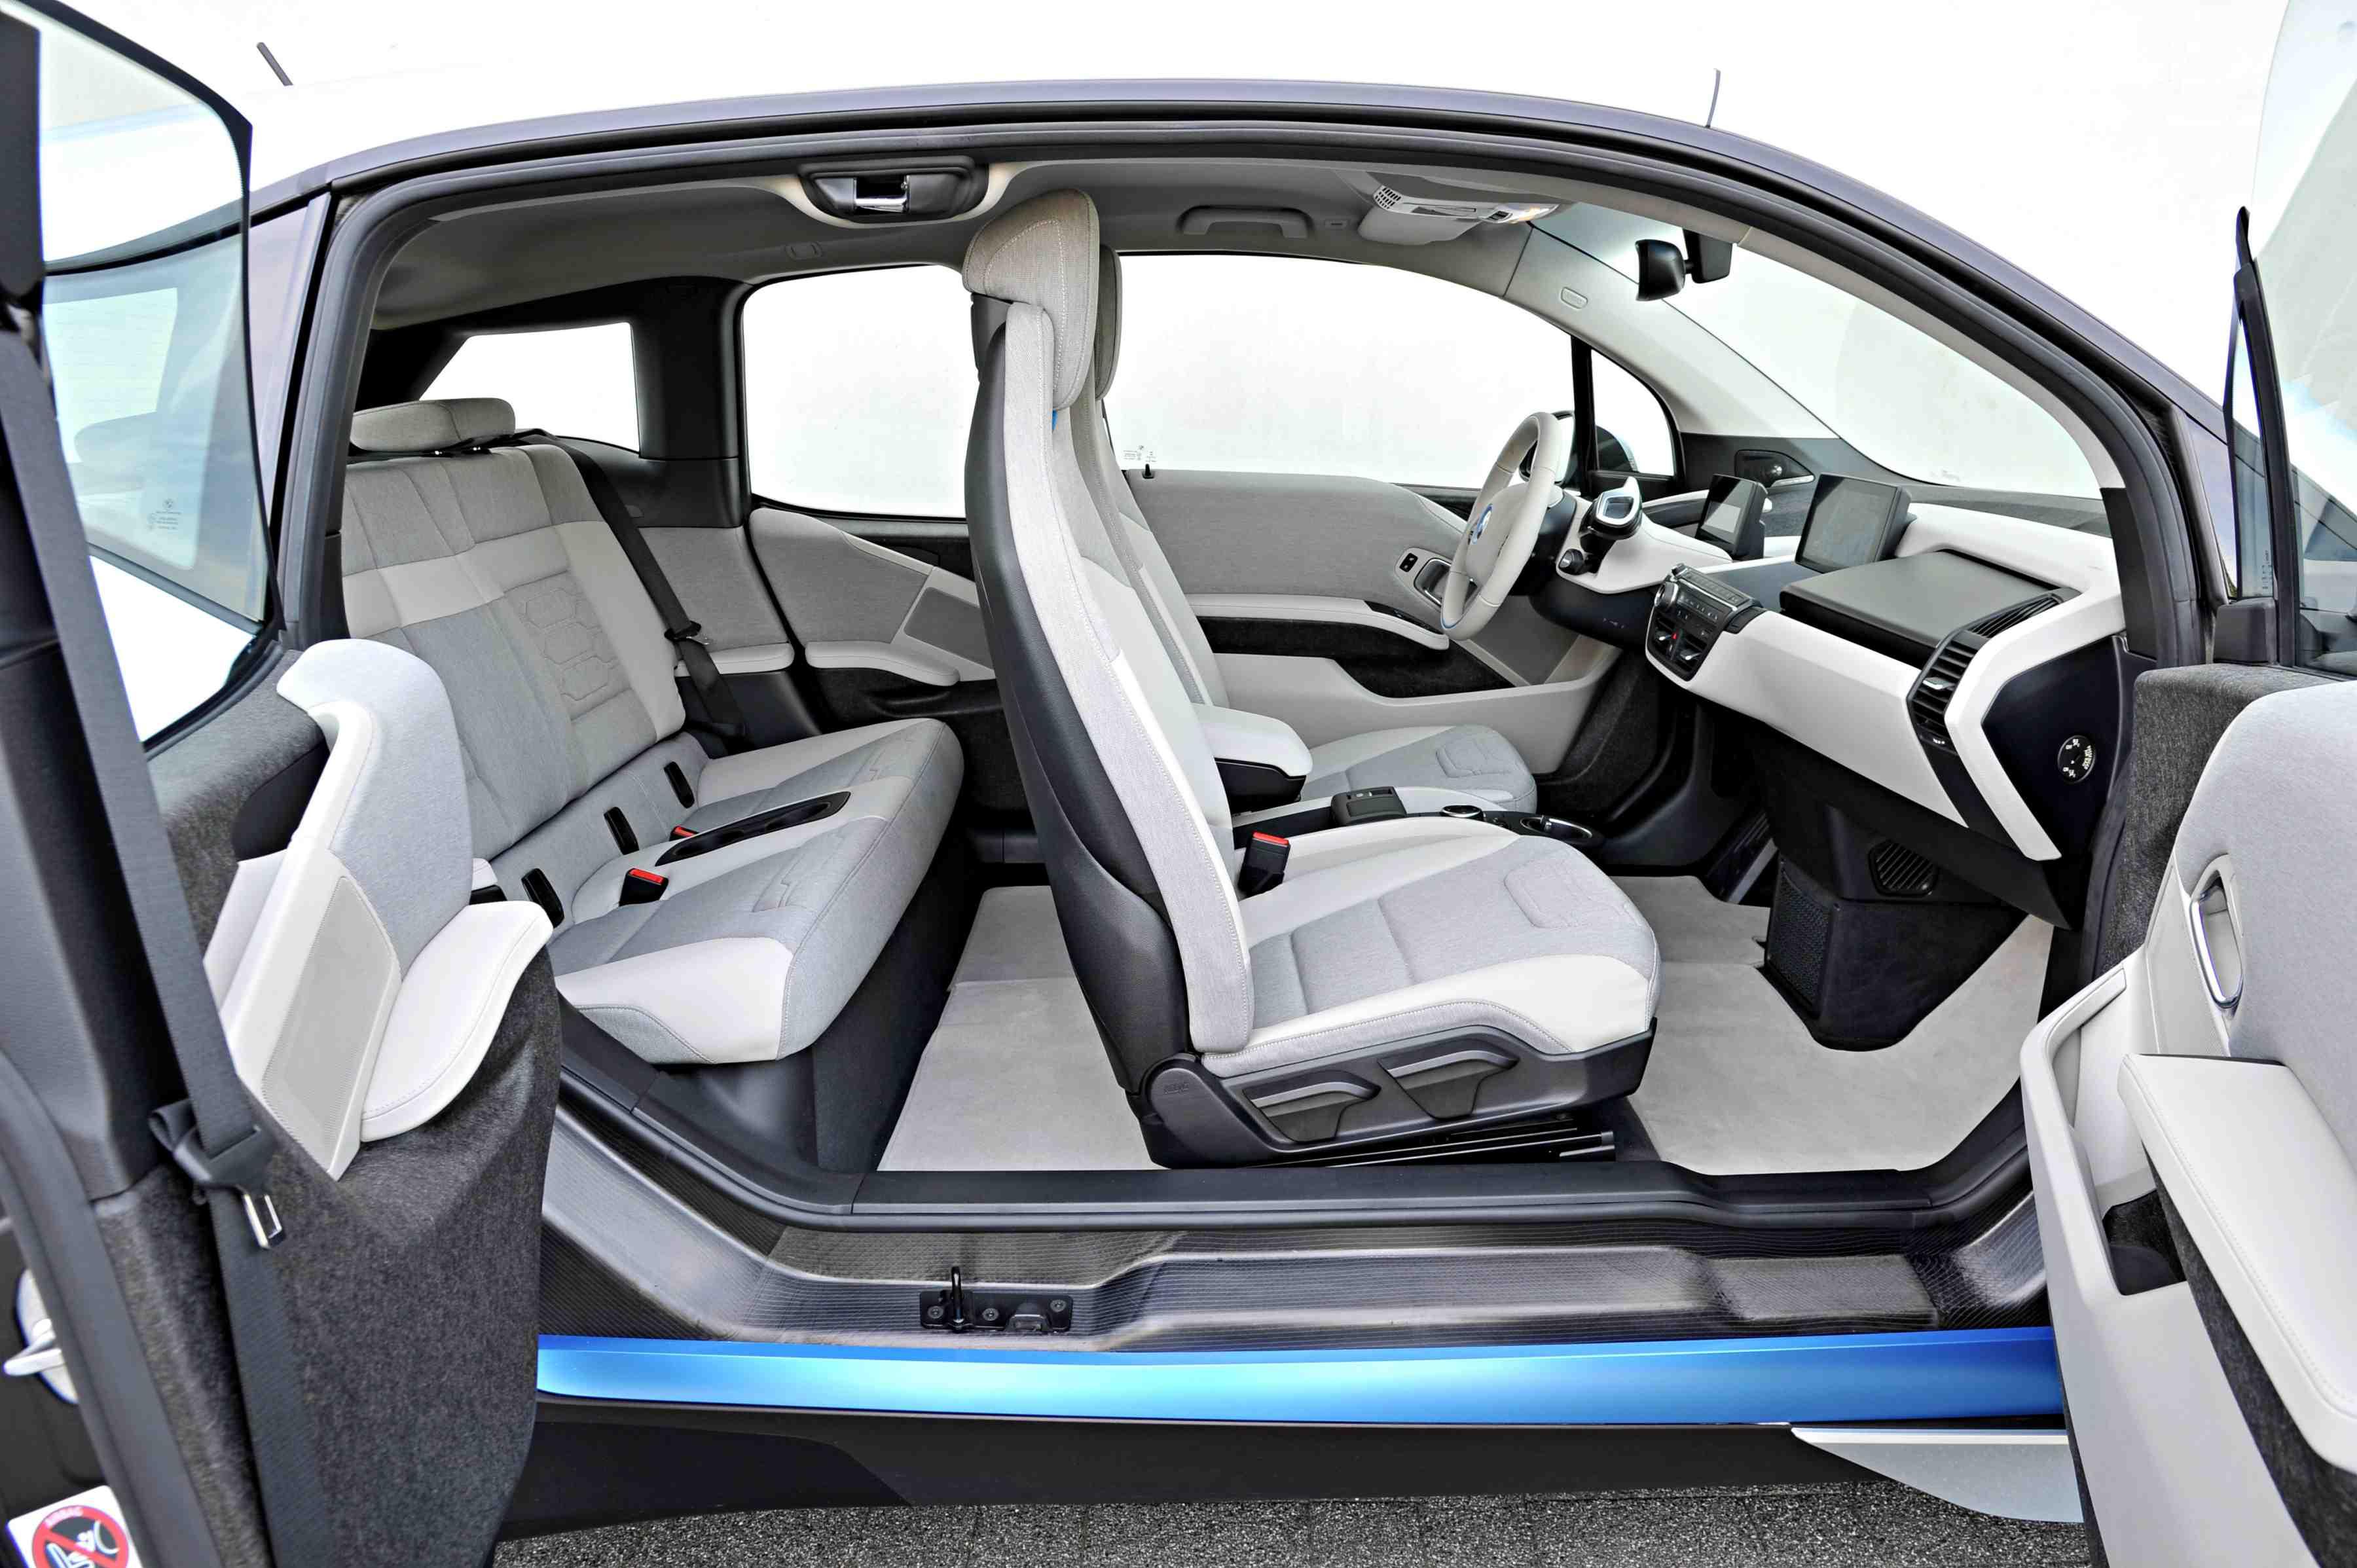 BMW i3 Innenraum mit Einstieg ohne B-Säule